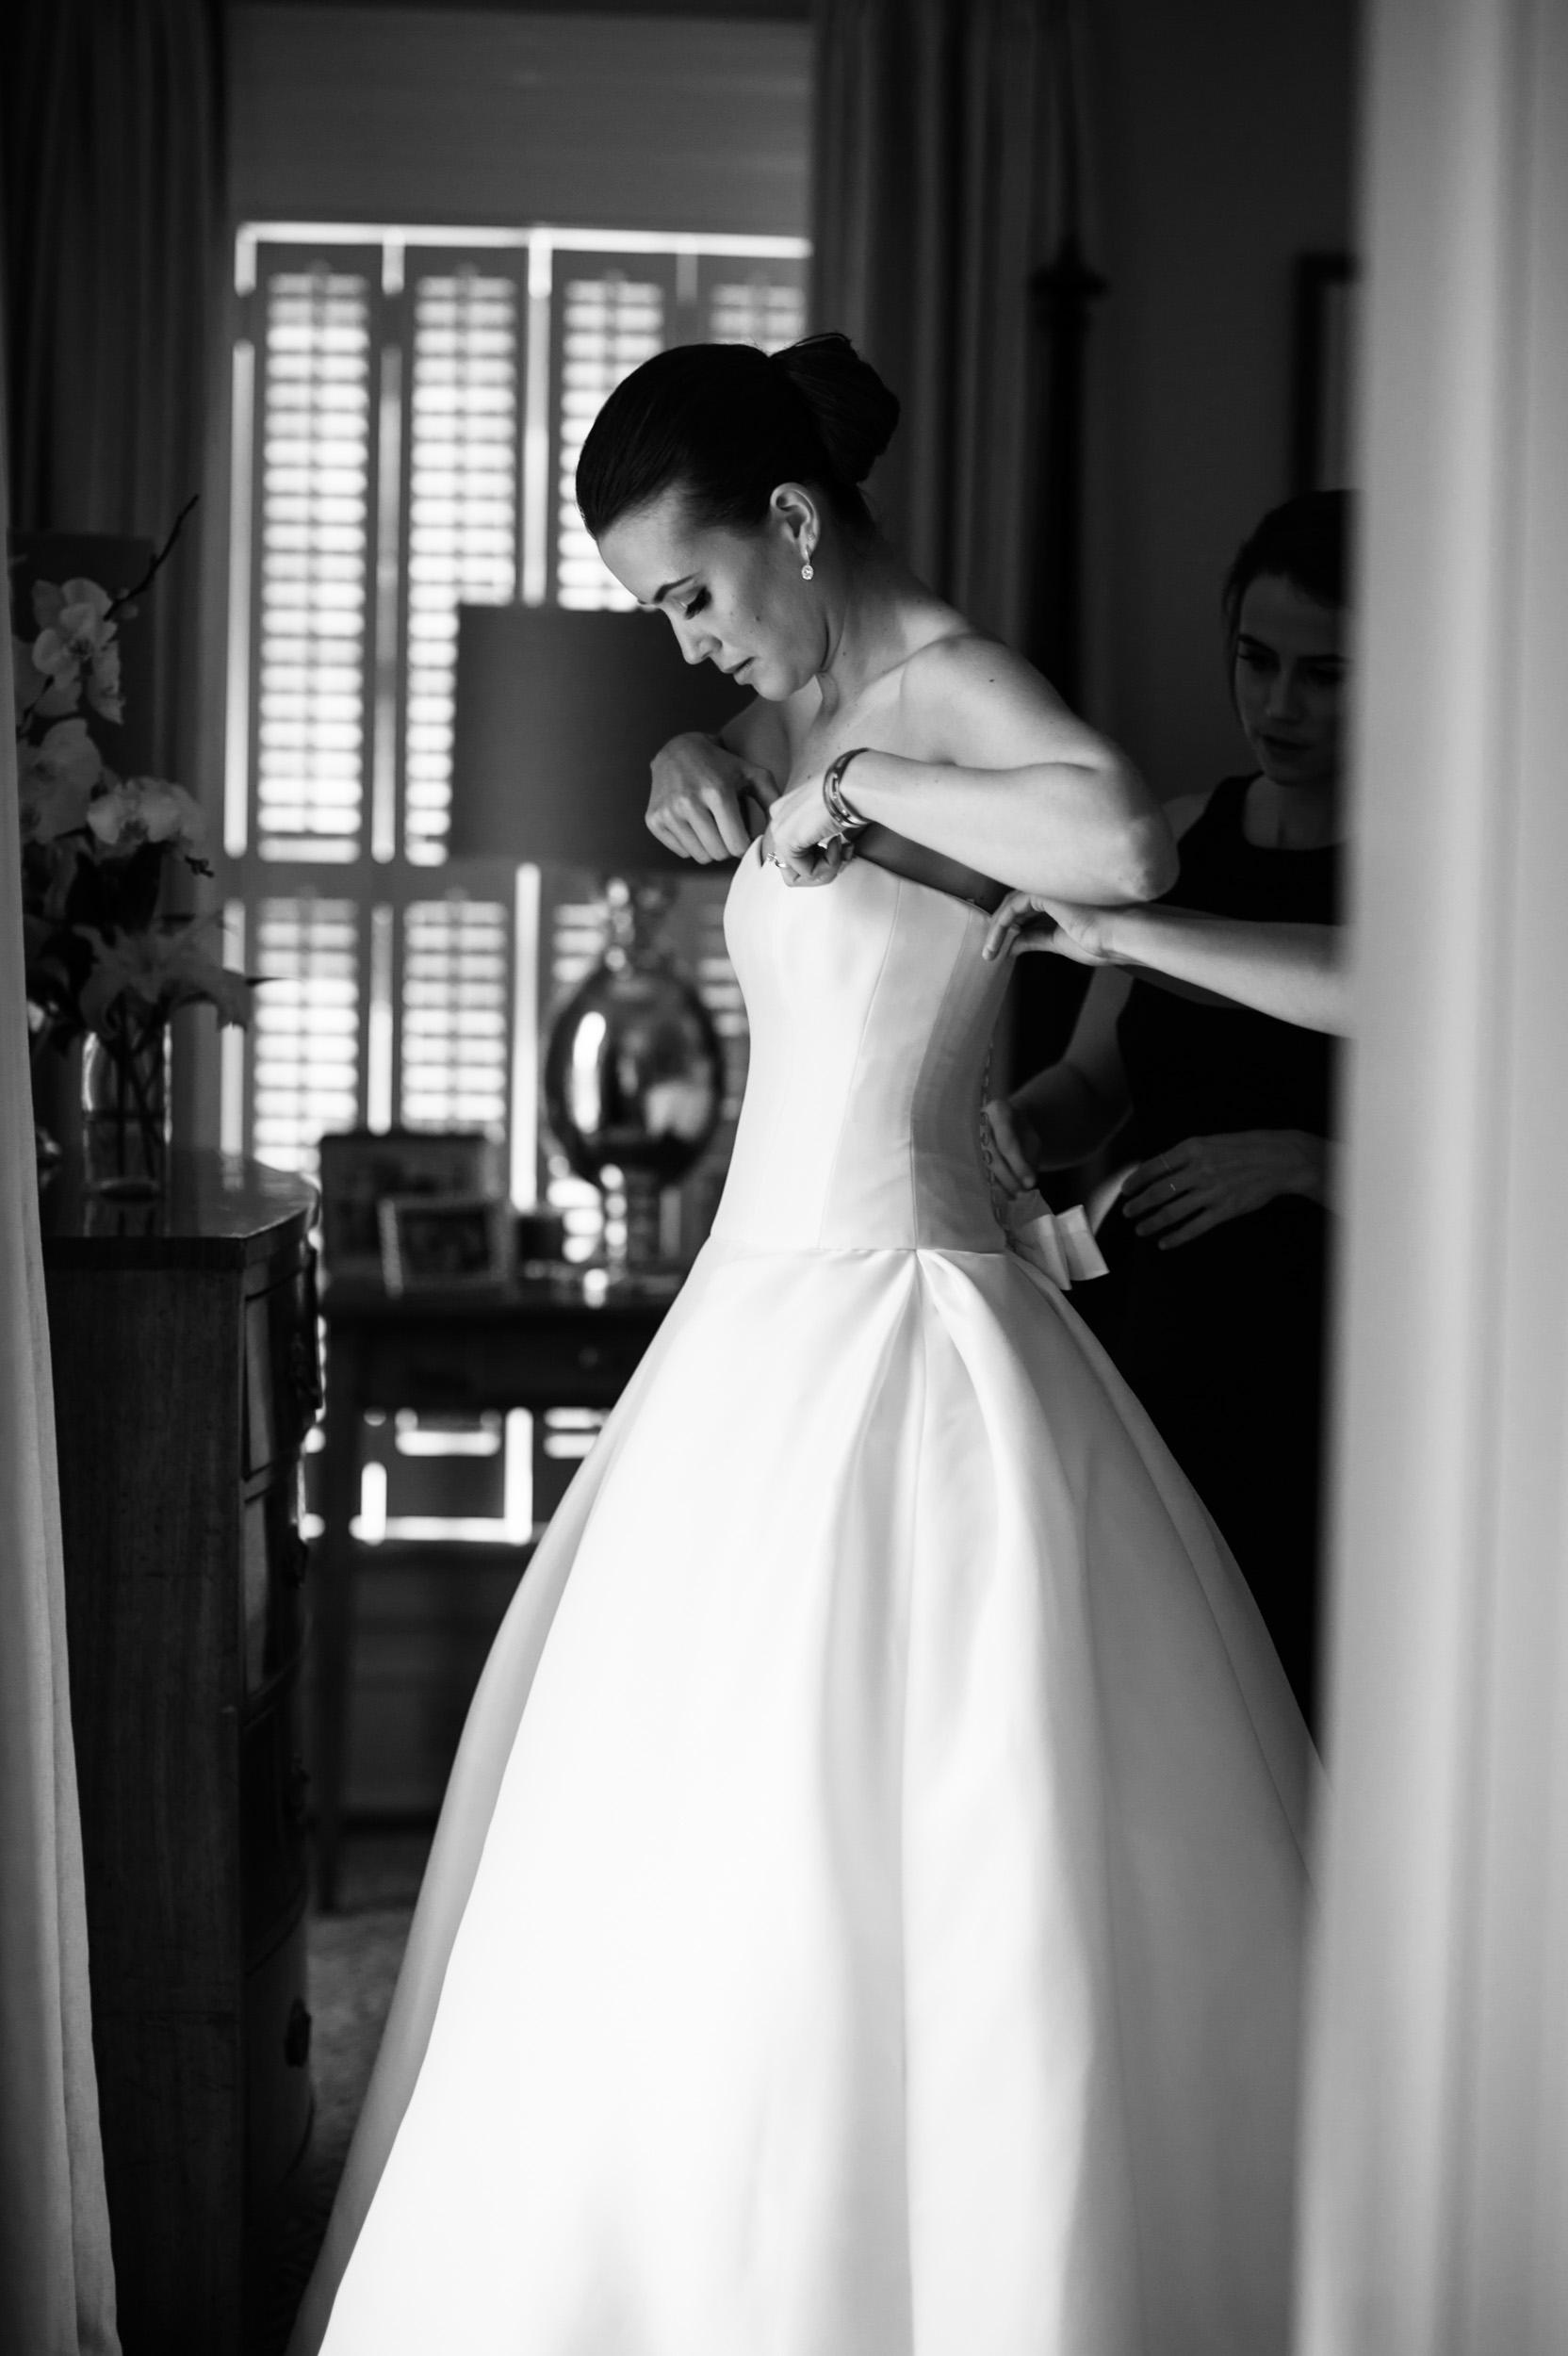 sisters helping bride zip wedding dress